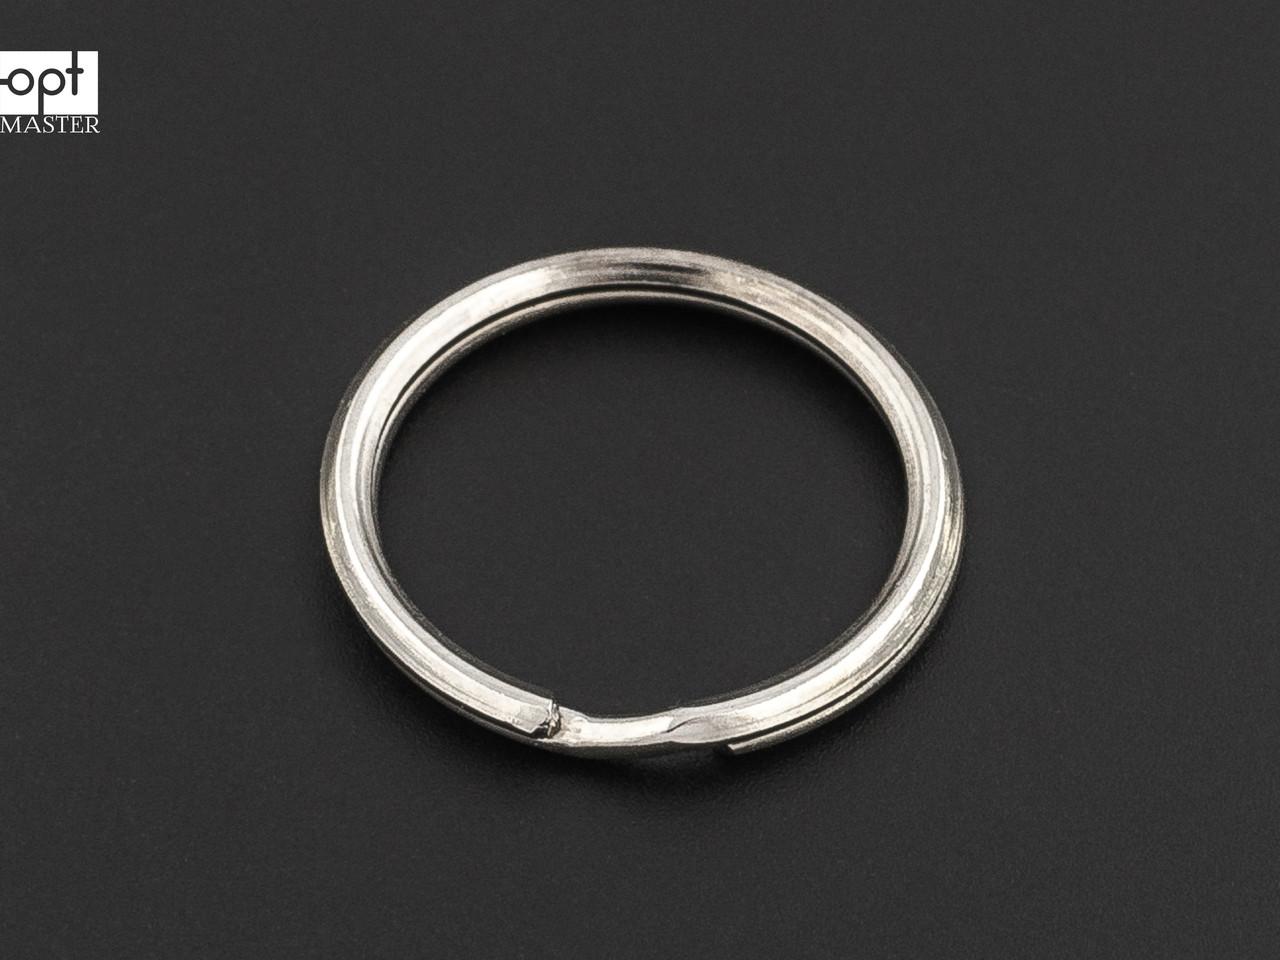 Кольцо для ключей треугольное, d=25 мм